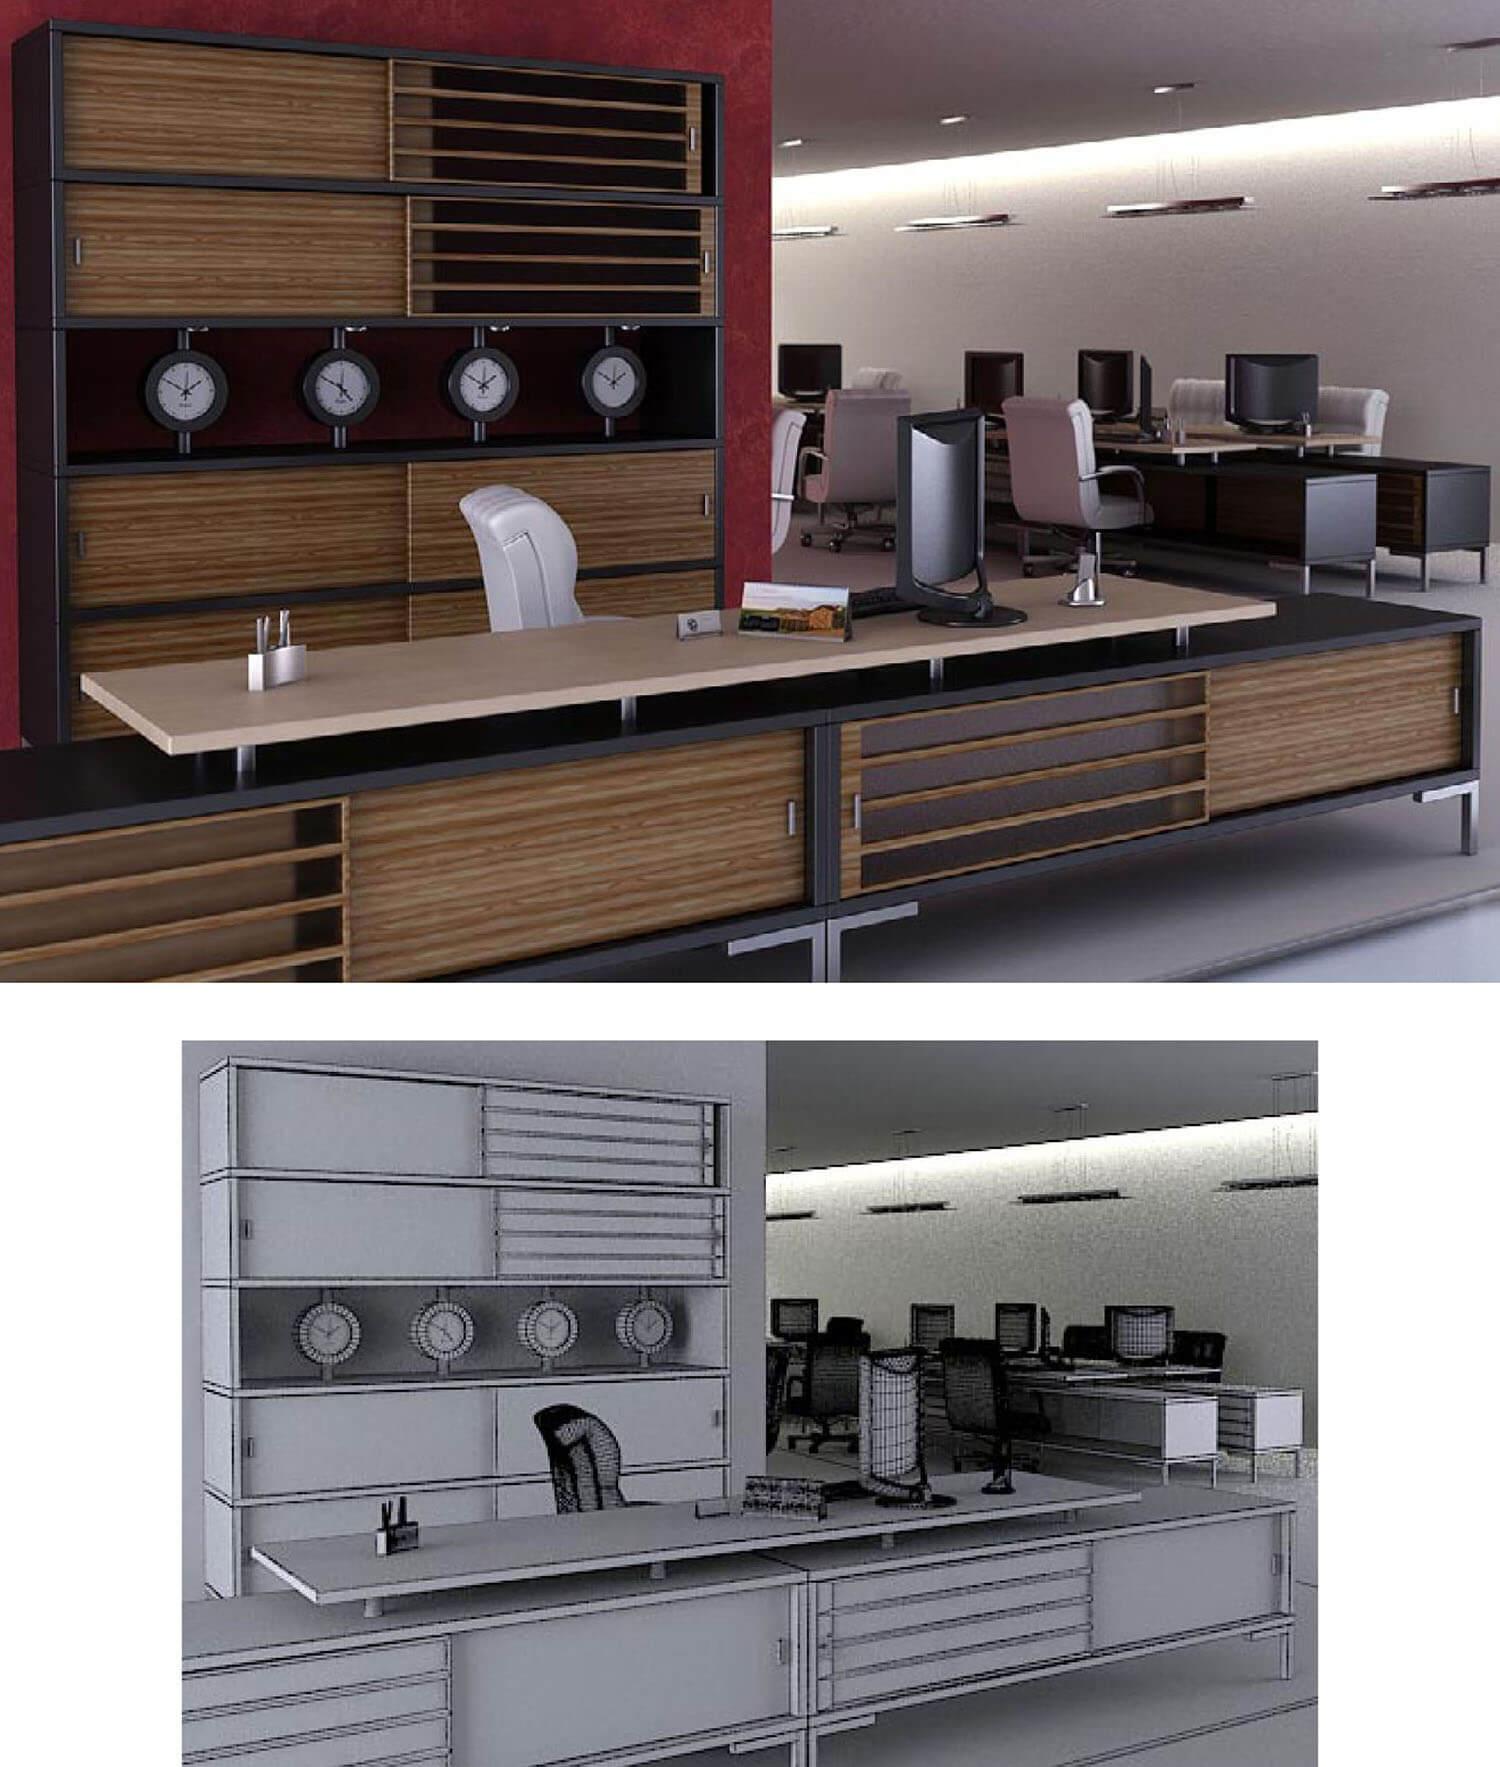 Mẫu văn phòng làm việc được thiết kế đồng bộ với bàn và tủ gỗ rất hoành tráng